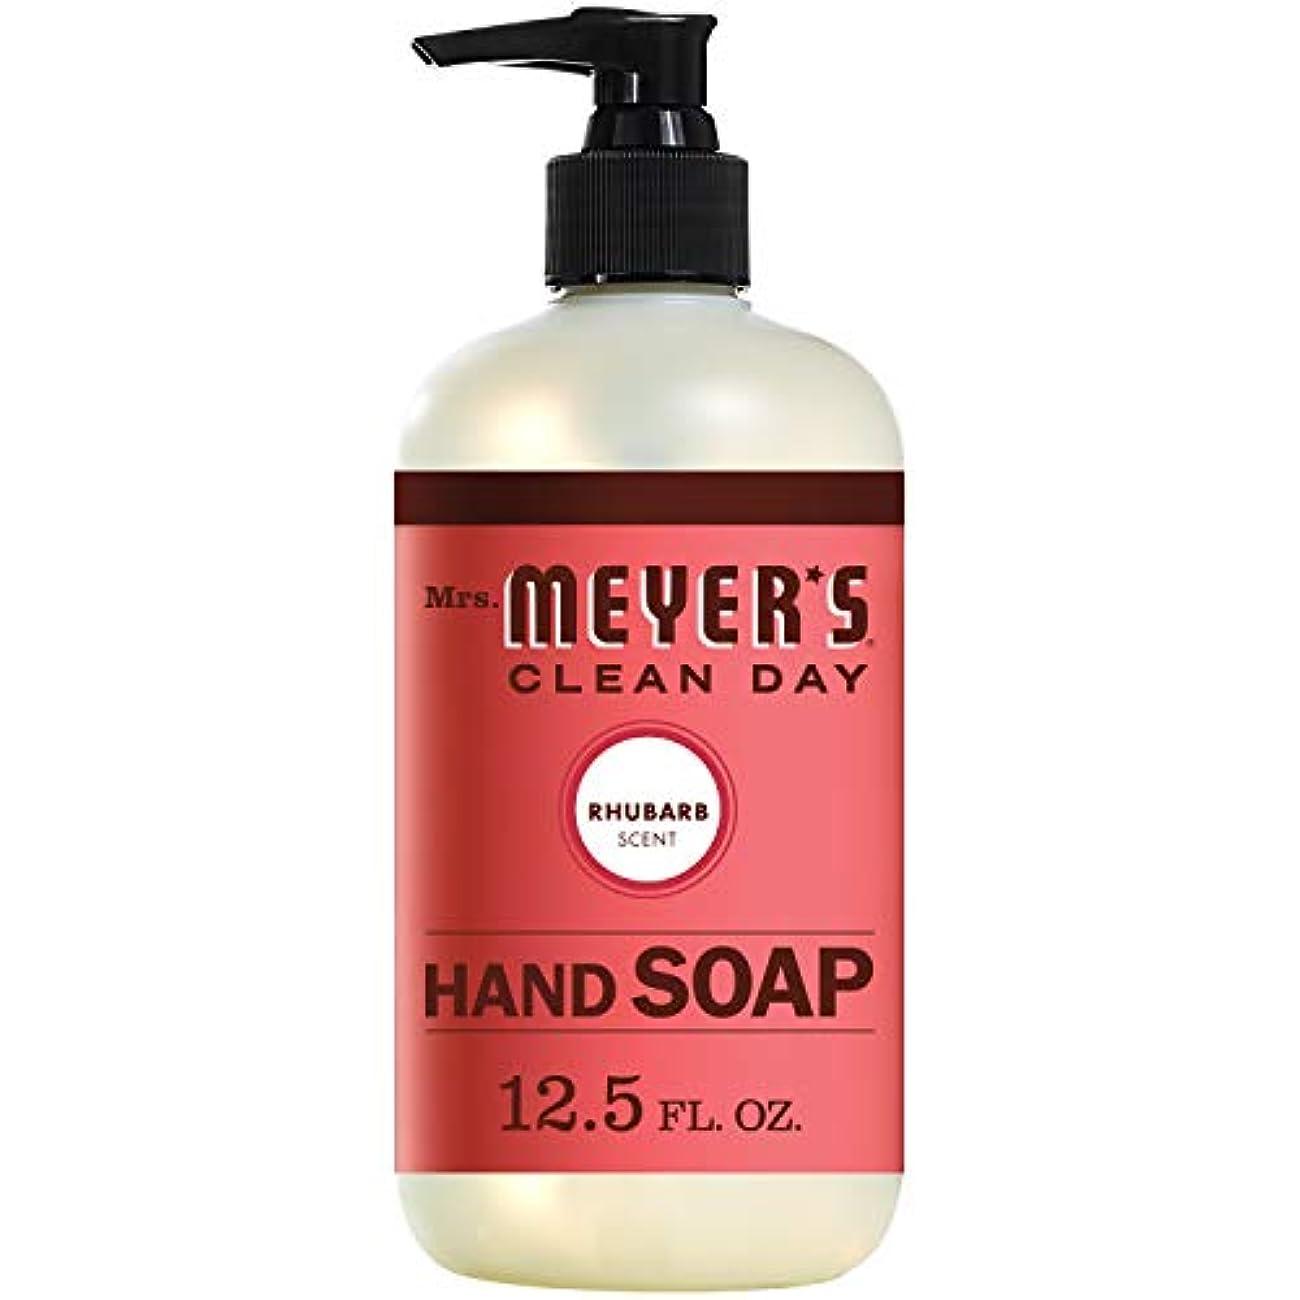 遅らせるわかる公園Mrs. Meyers Clean Day, Liquid Hand Soap, Rhubarb Scent, 12.5 fl oz (370 ml)